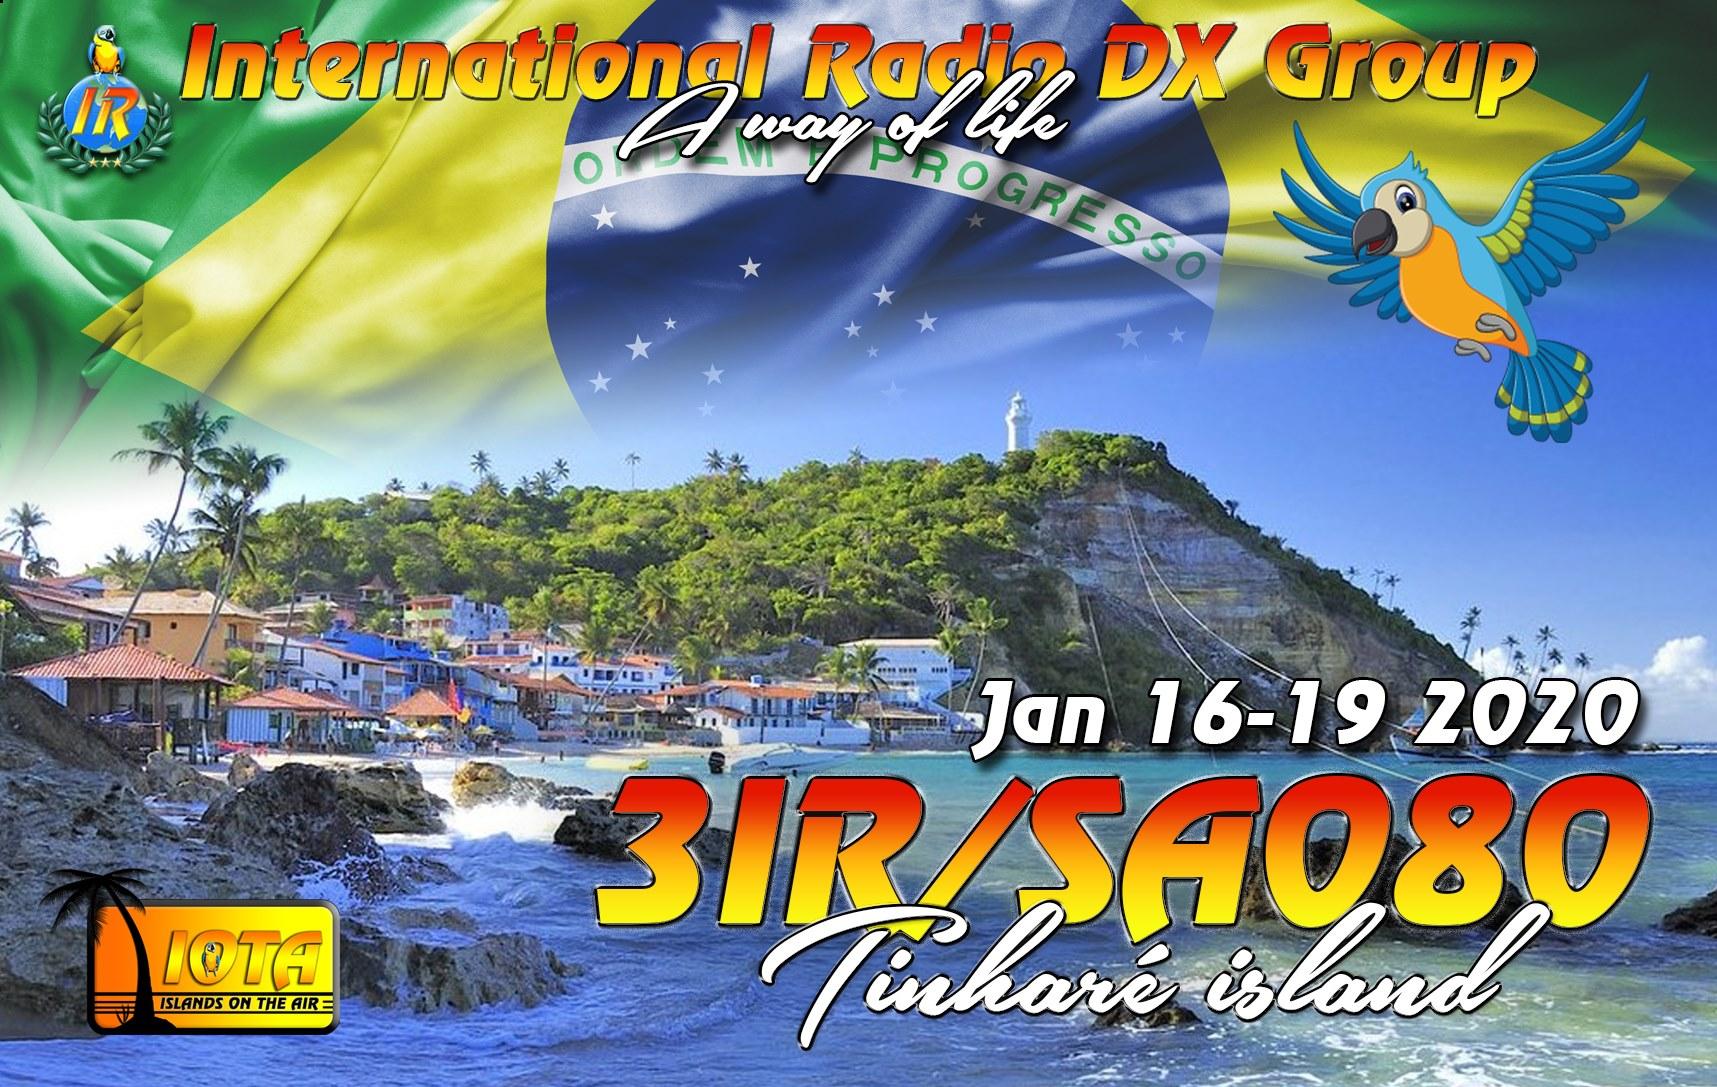 3IR/SA-080 Tinharé island @ ilha de Tinharé